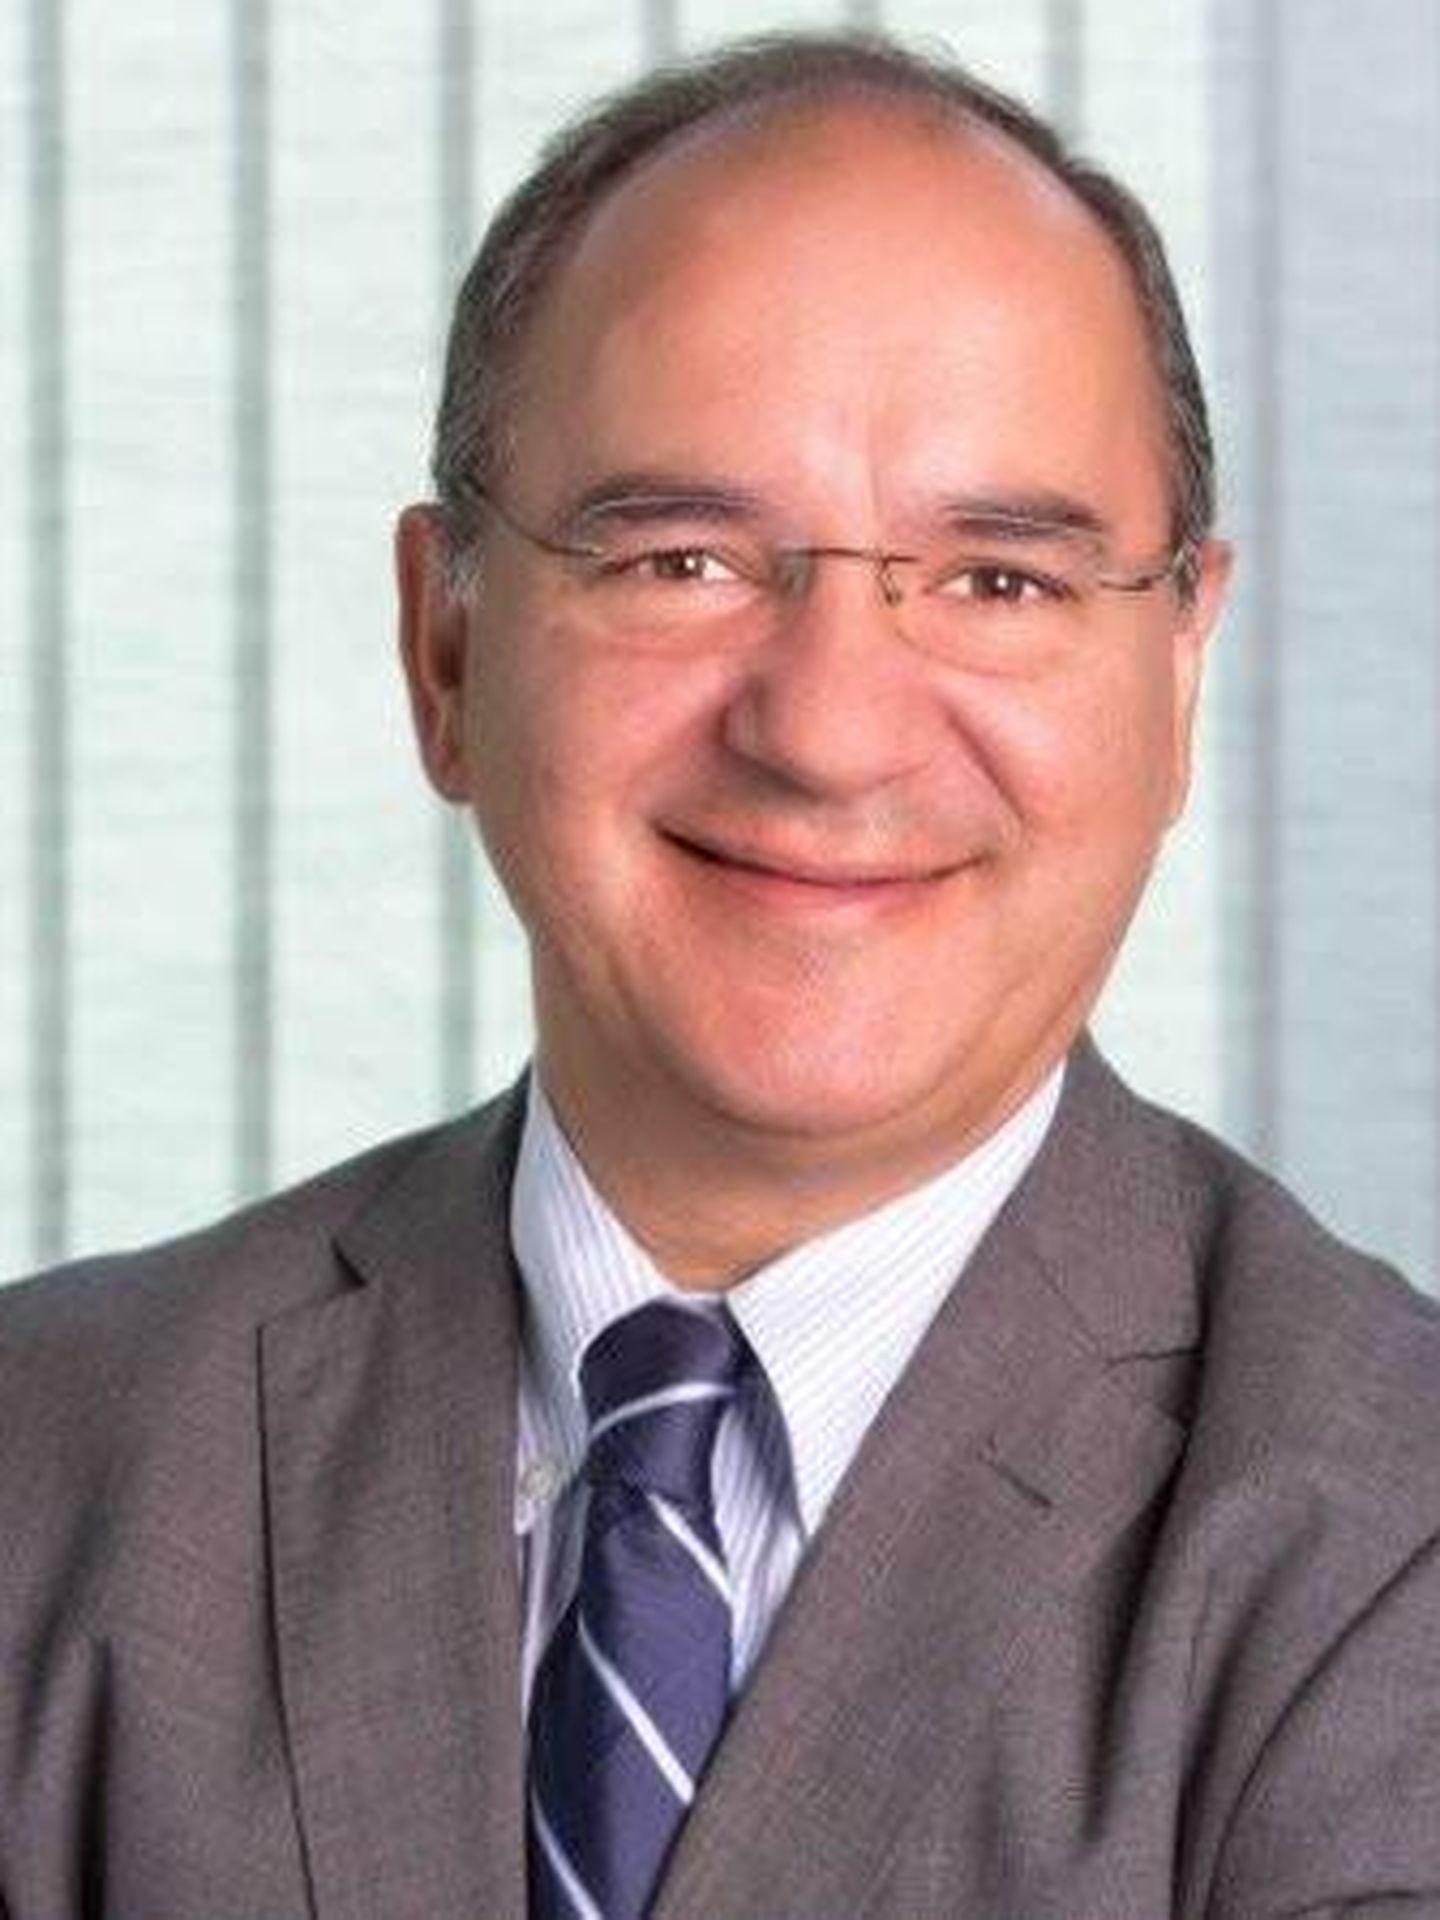 Manuel Valverde. (LinkedIn)